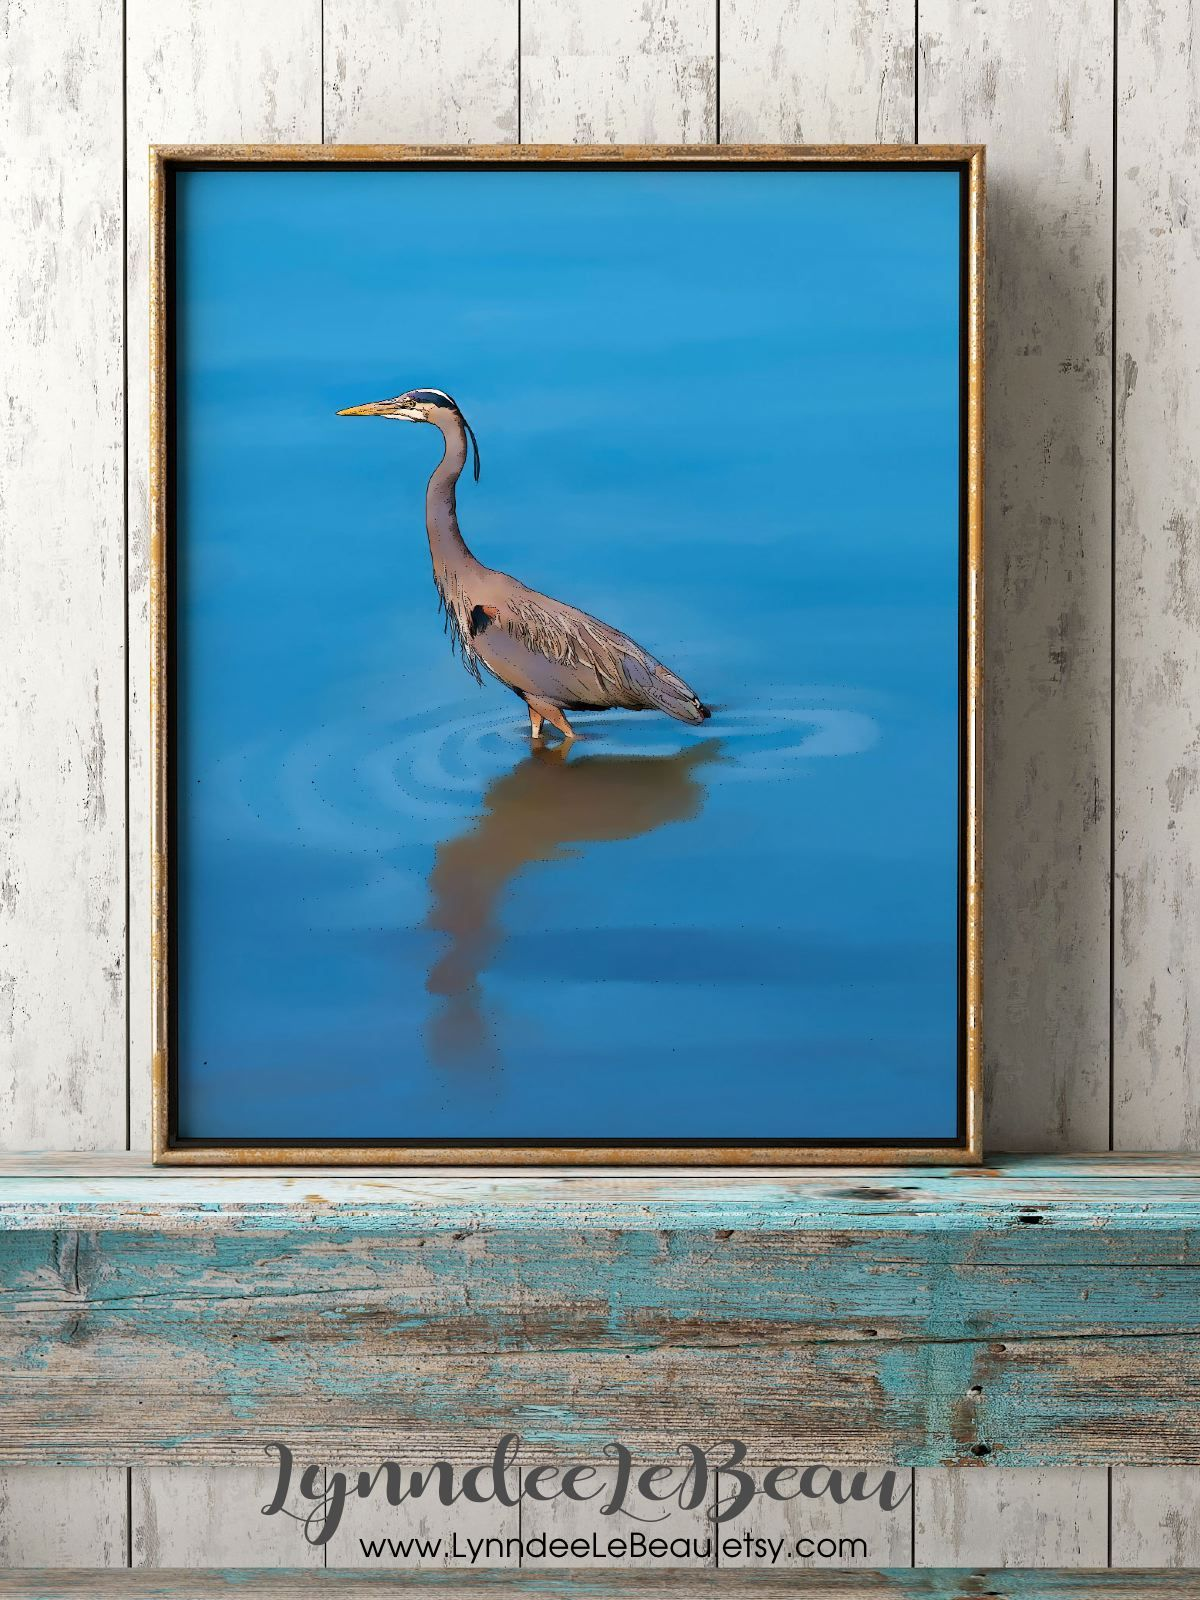 A blue heron for your beach house.